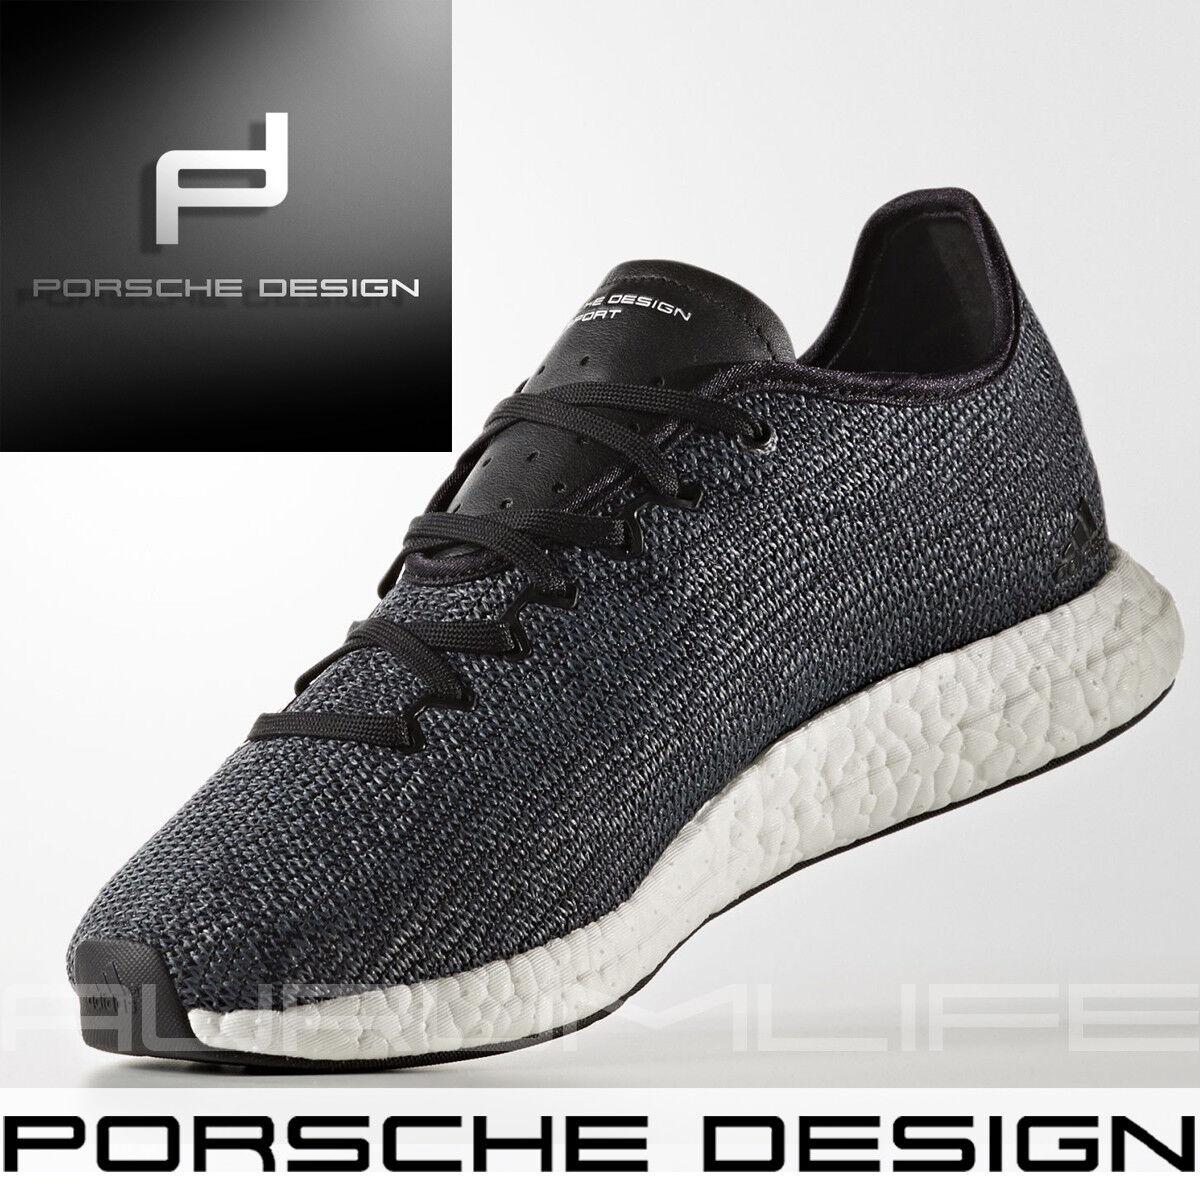 Adidas Porsche Design Zapatos para hombre viaje Tourer Boost rebote Athletic BB5540